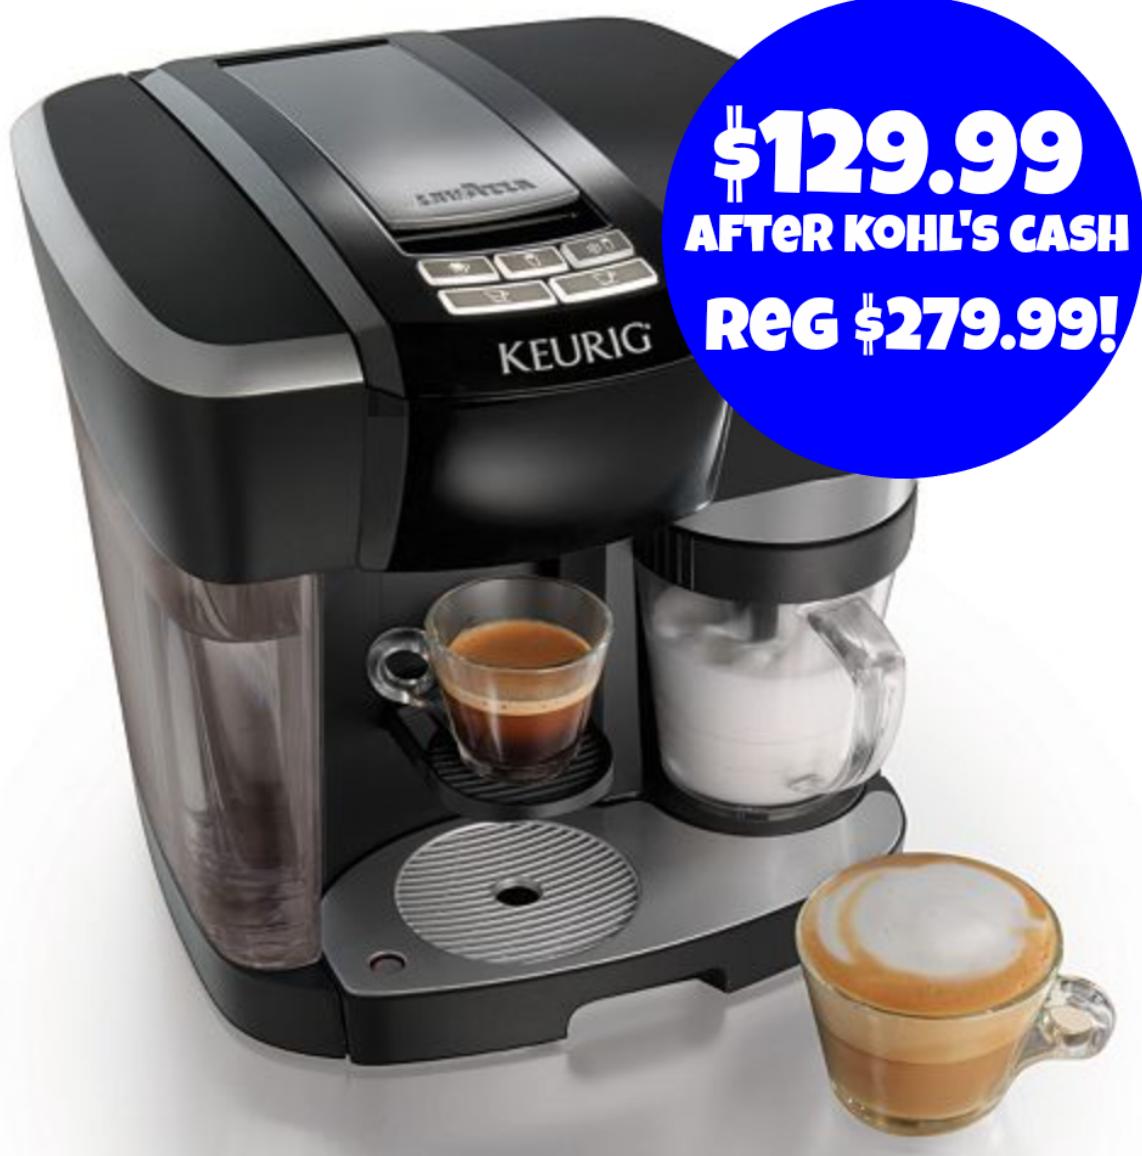 http://www.thebinderladies.com/2014/12/hot-kohls-com-keurig-rivo-cappuccino.html#.VIIOm4fduyM